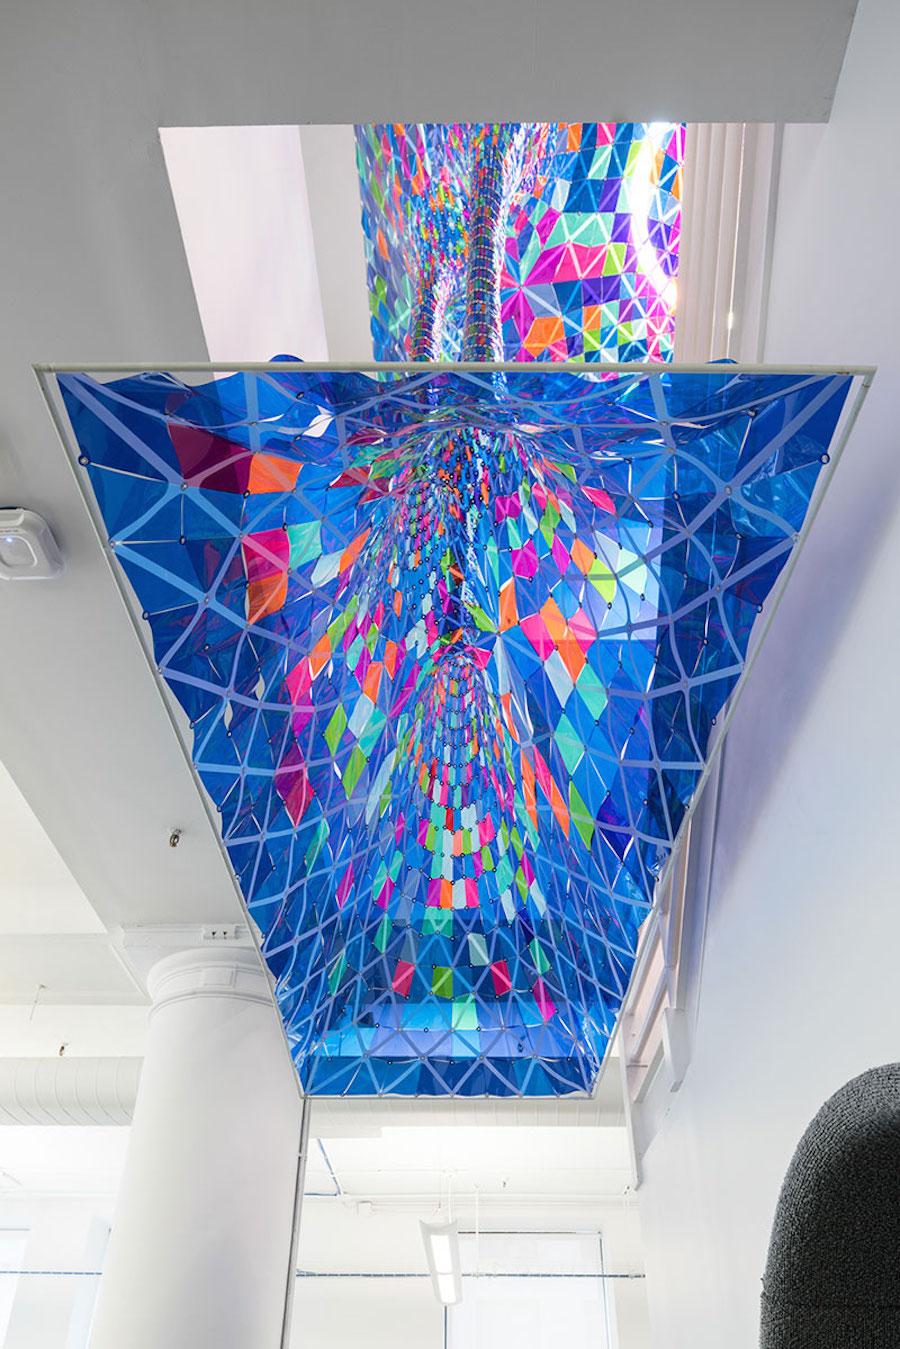 installazione-vetro-colori-behance-new-york-softlab-5